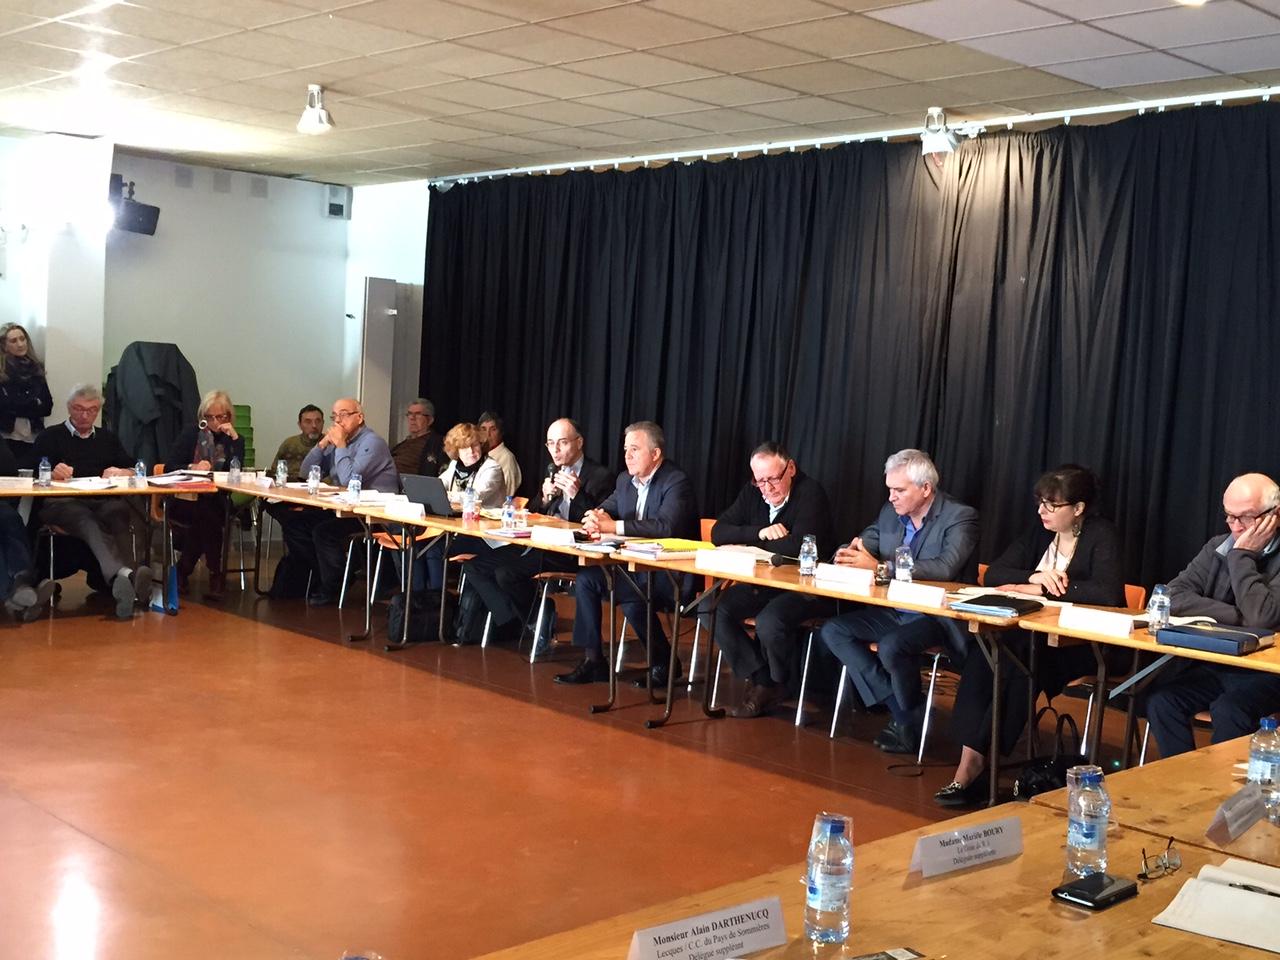 Les élus du comité syndical de l'EPTB Vidourle se sont réunis à Aimargues, le vendredi 19 février 2016